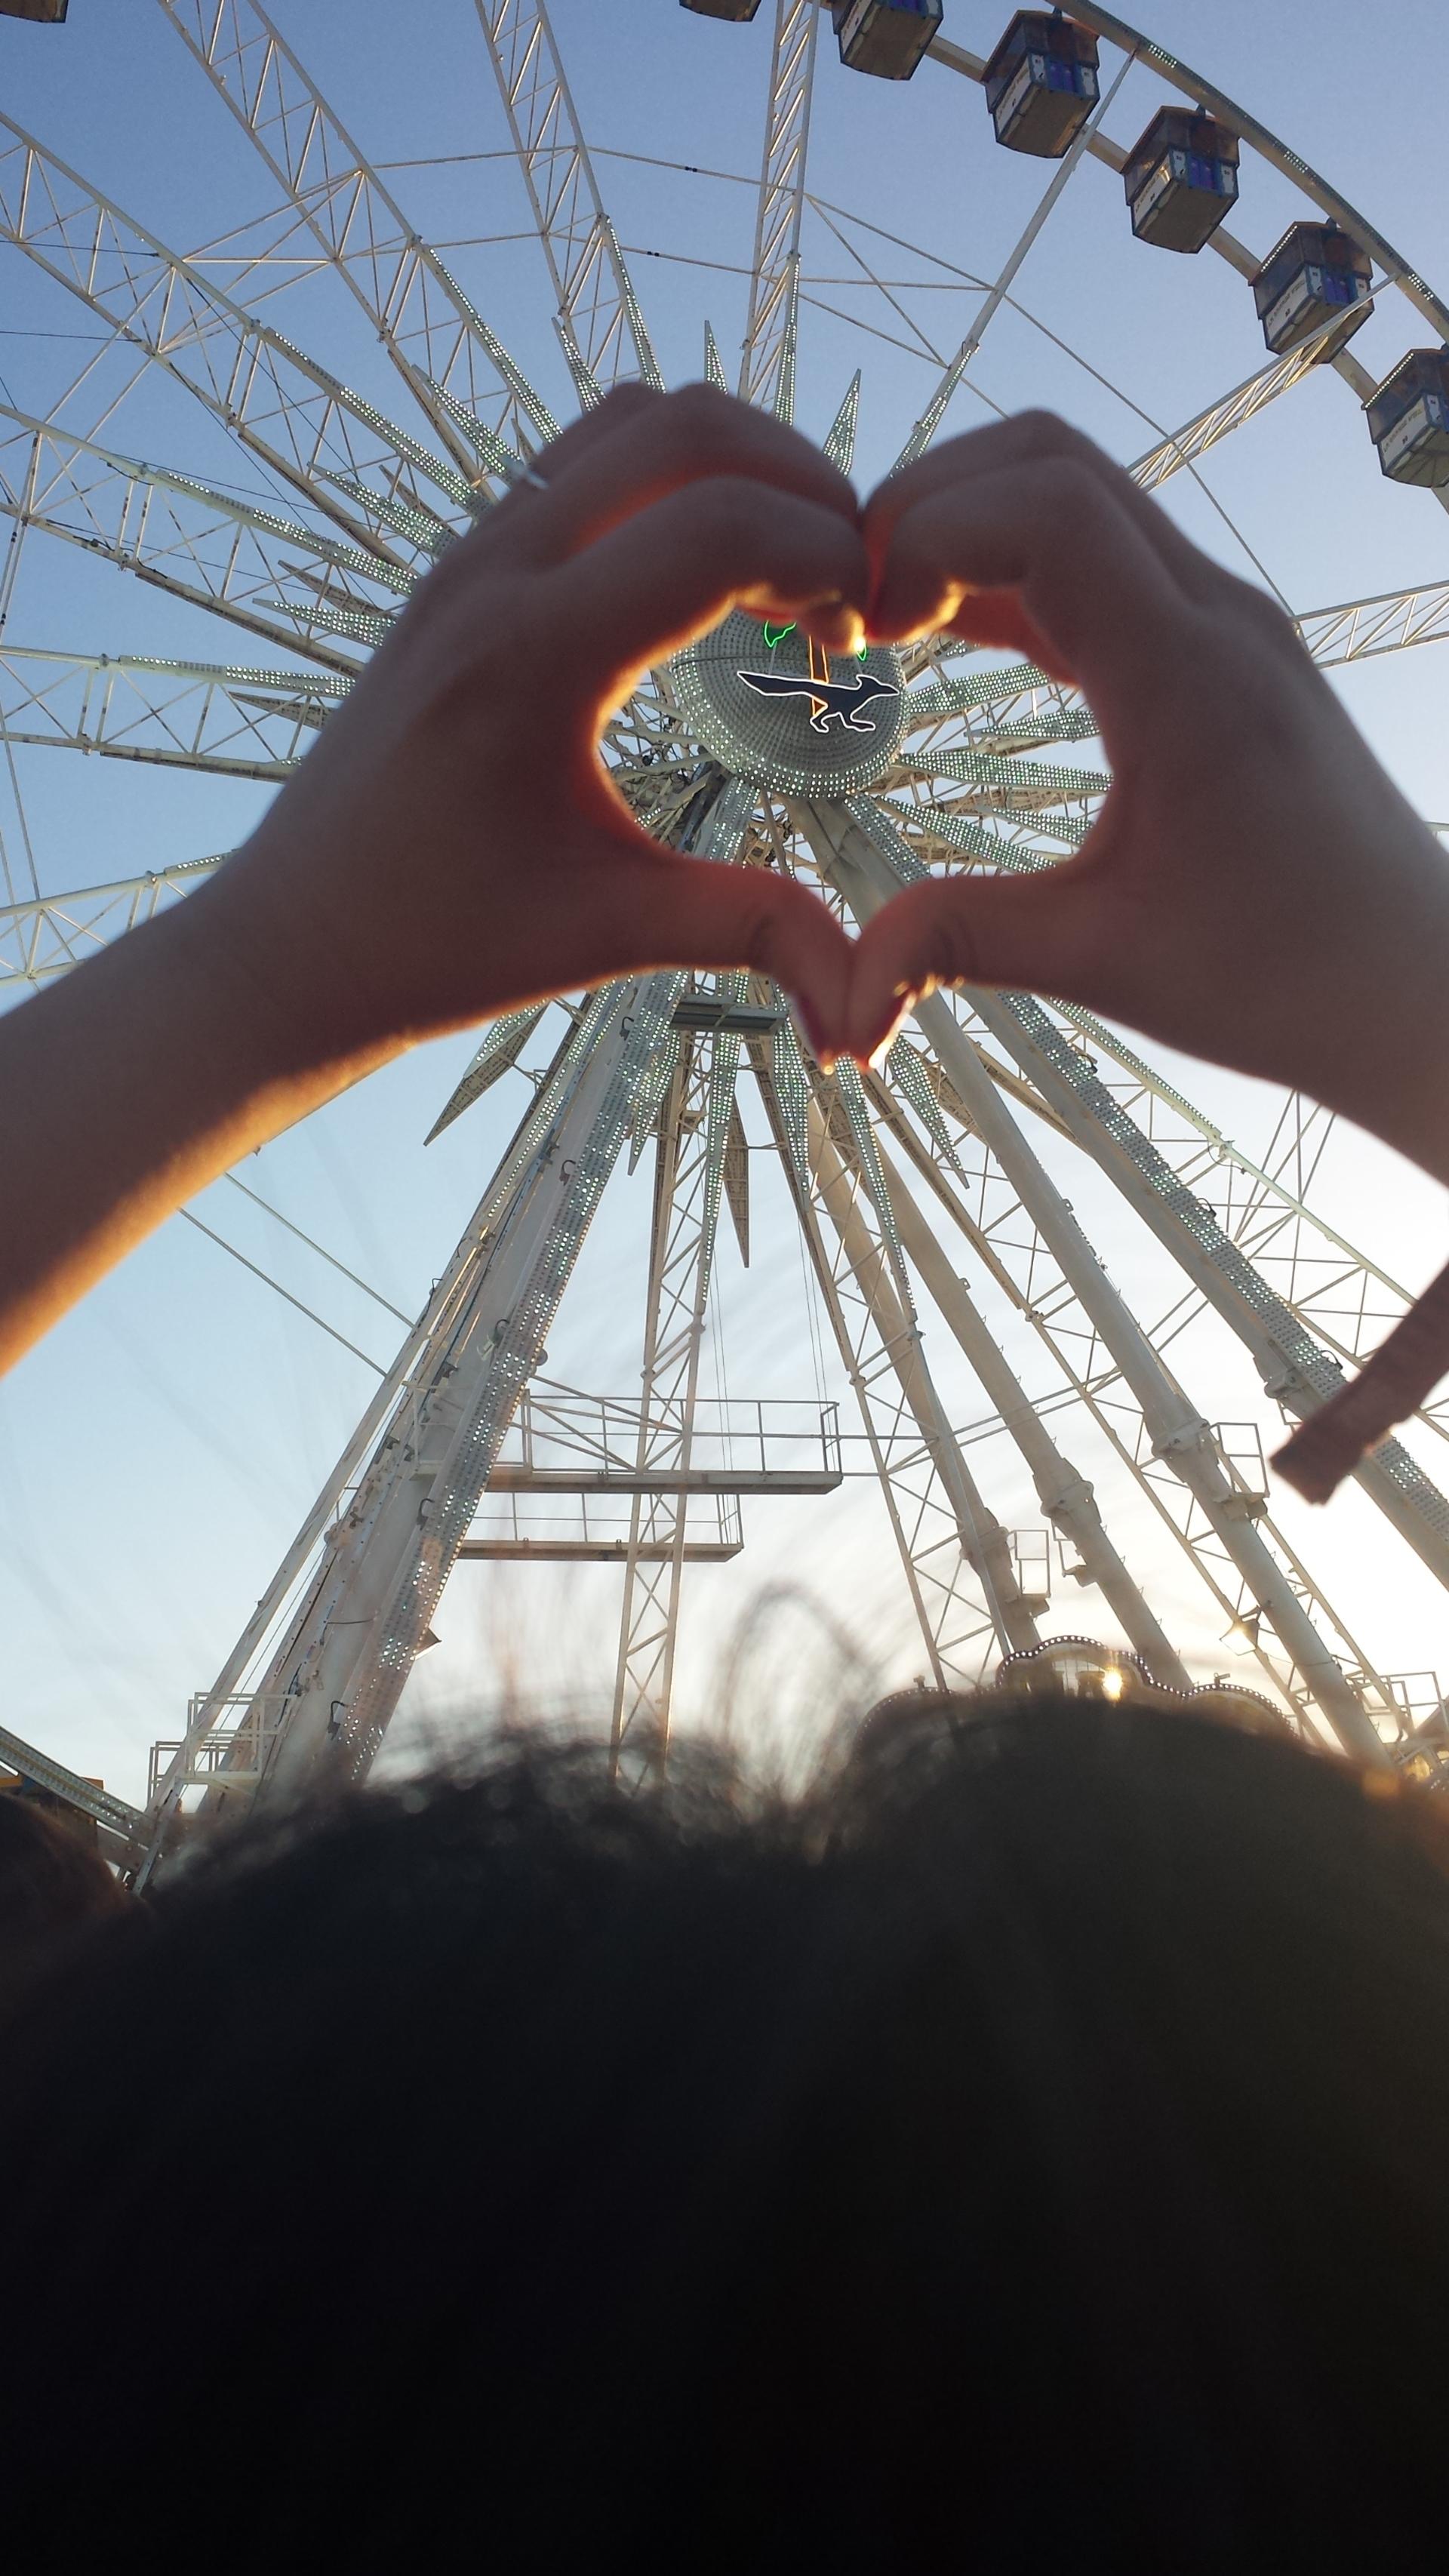 Sky, No Person, Travel, Wheel, Light